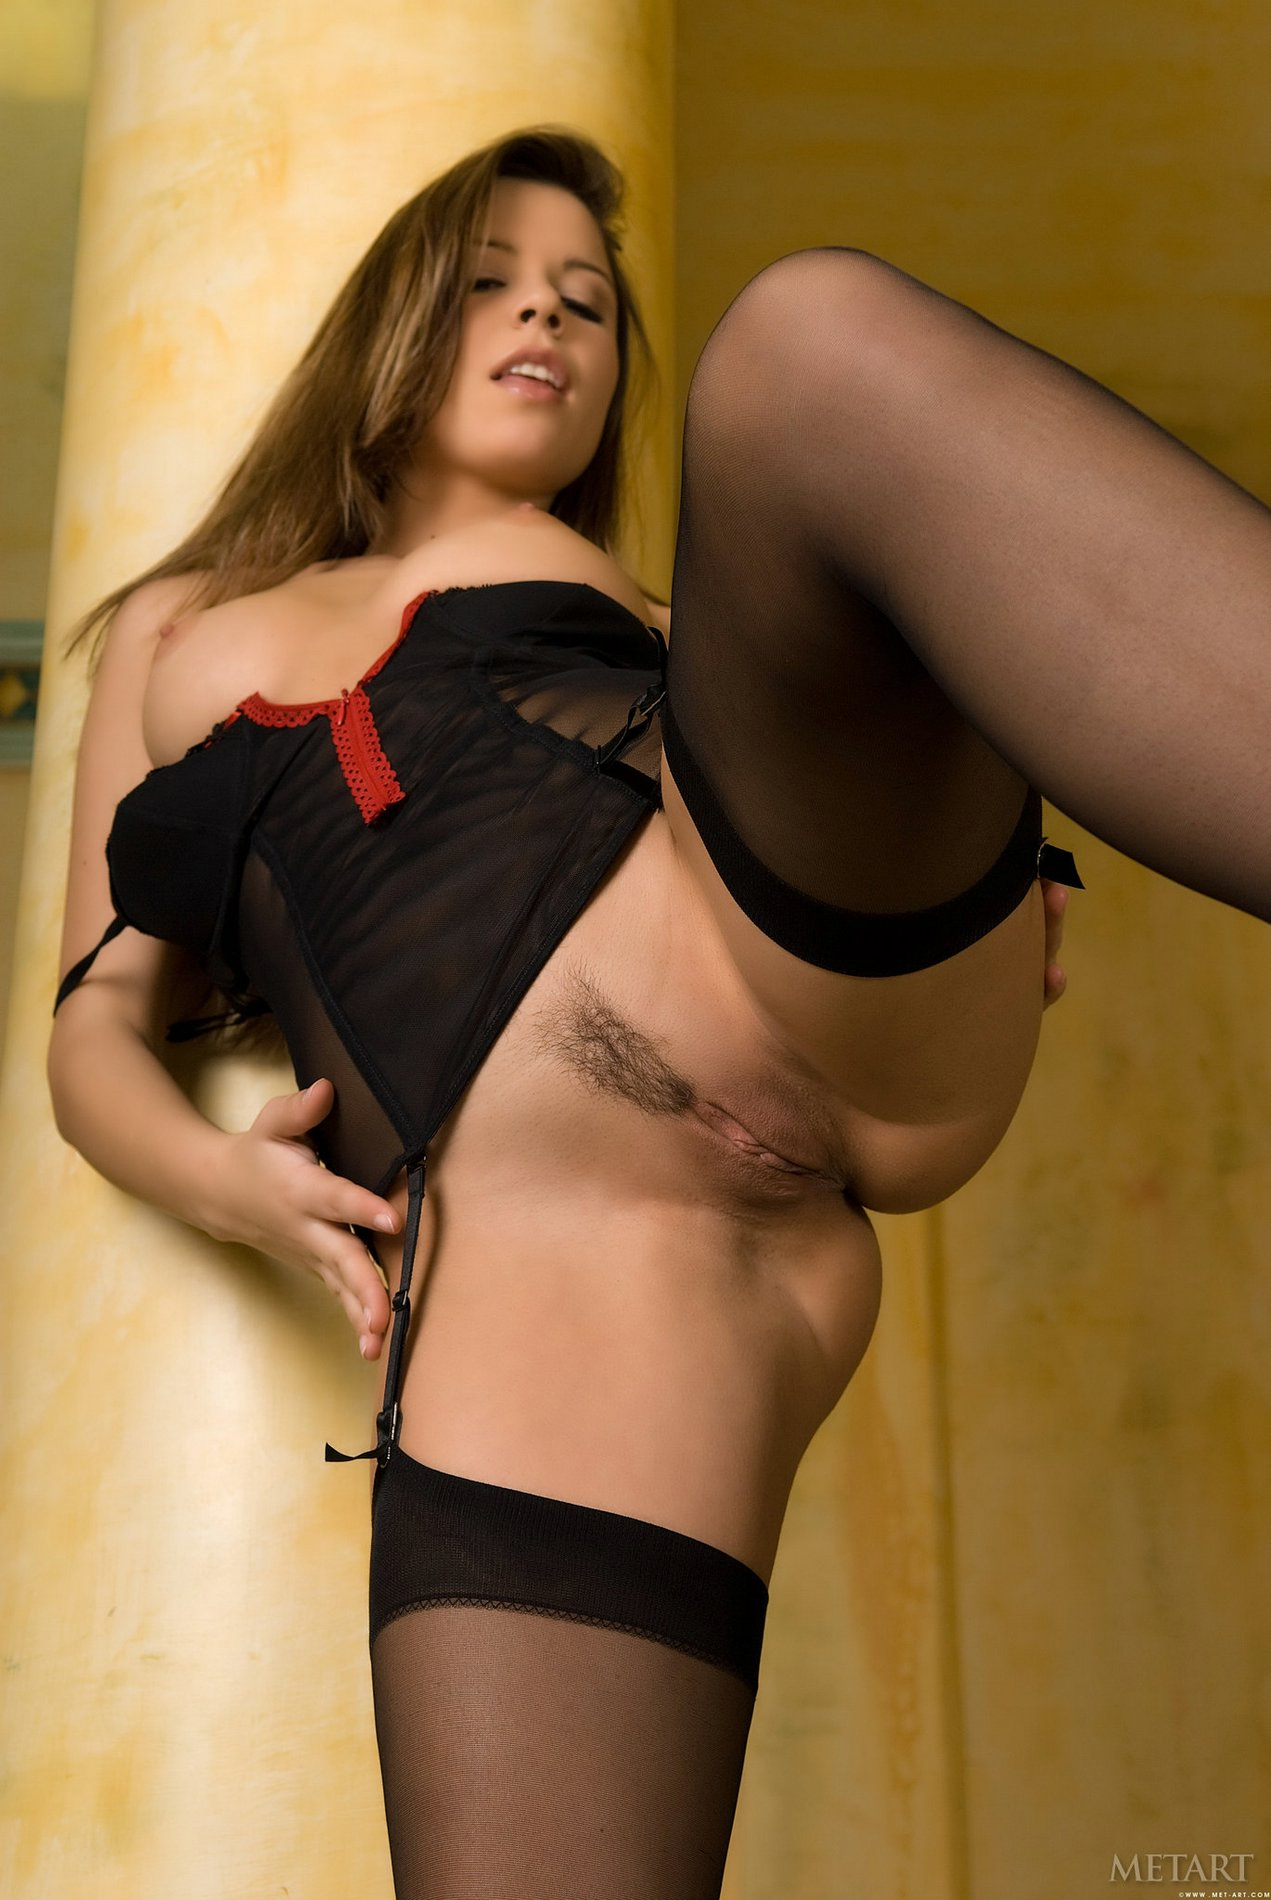 brunette-peaches-from-met-art-wearing-stockings-8.jpg